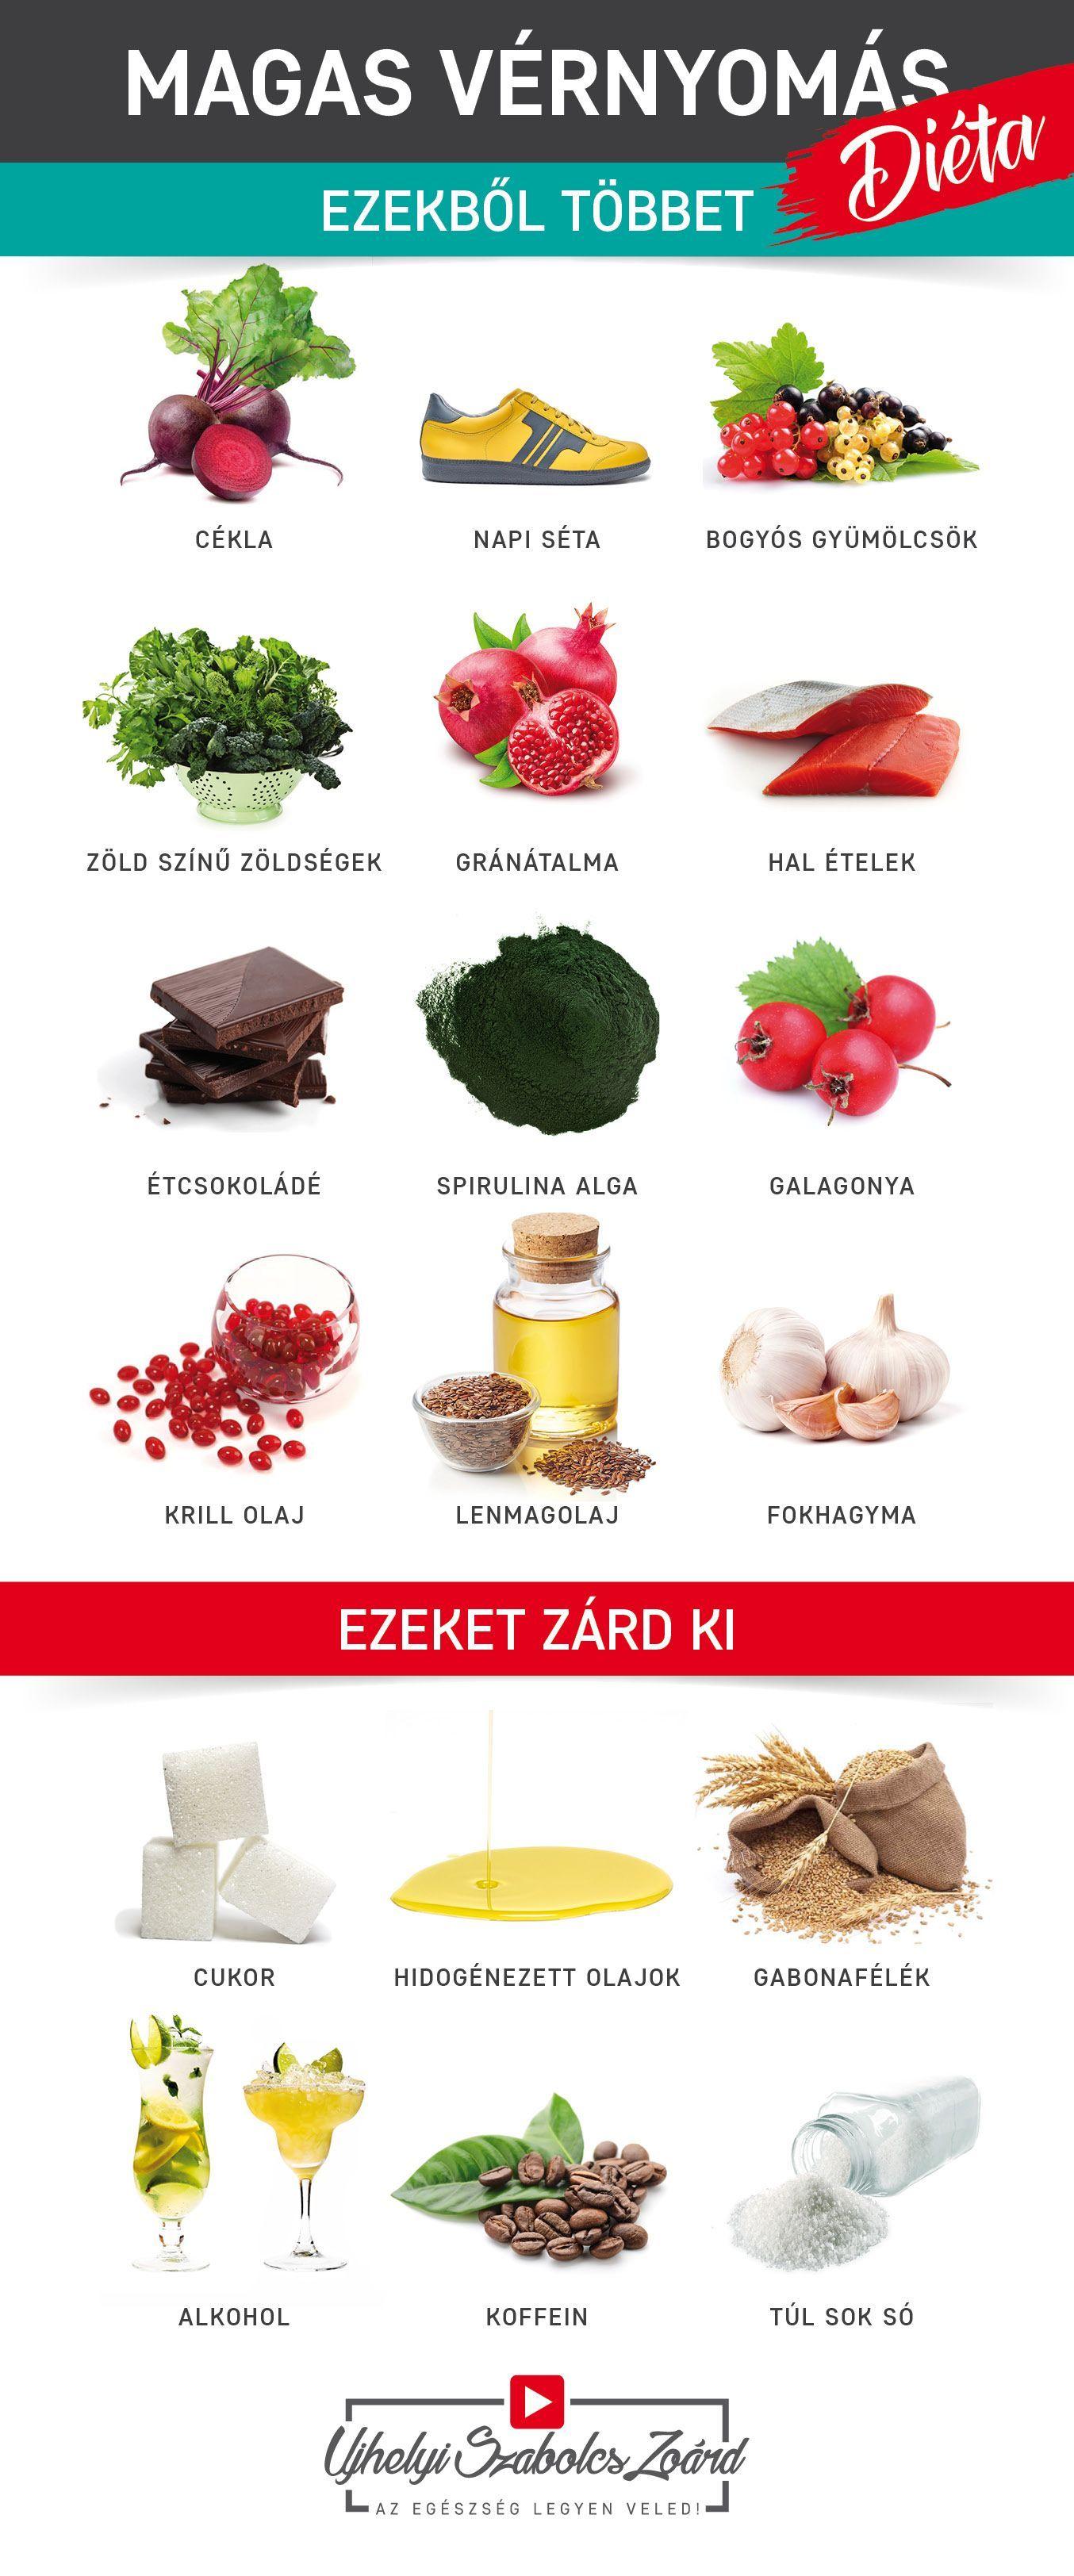 ételek amelyek nem megengedettek magas vérnyomás esetén ingadozó láz okai